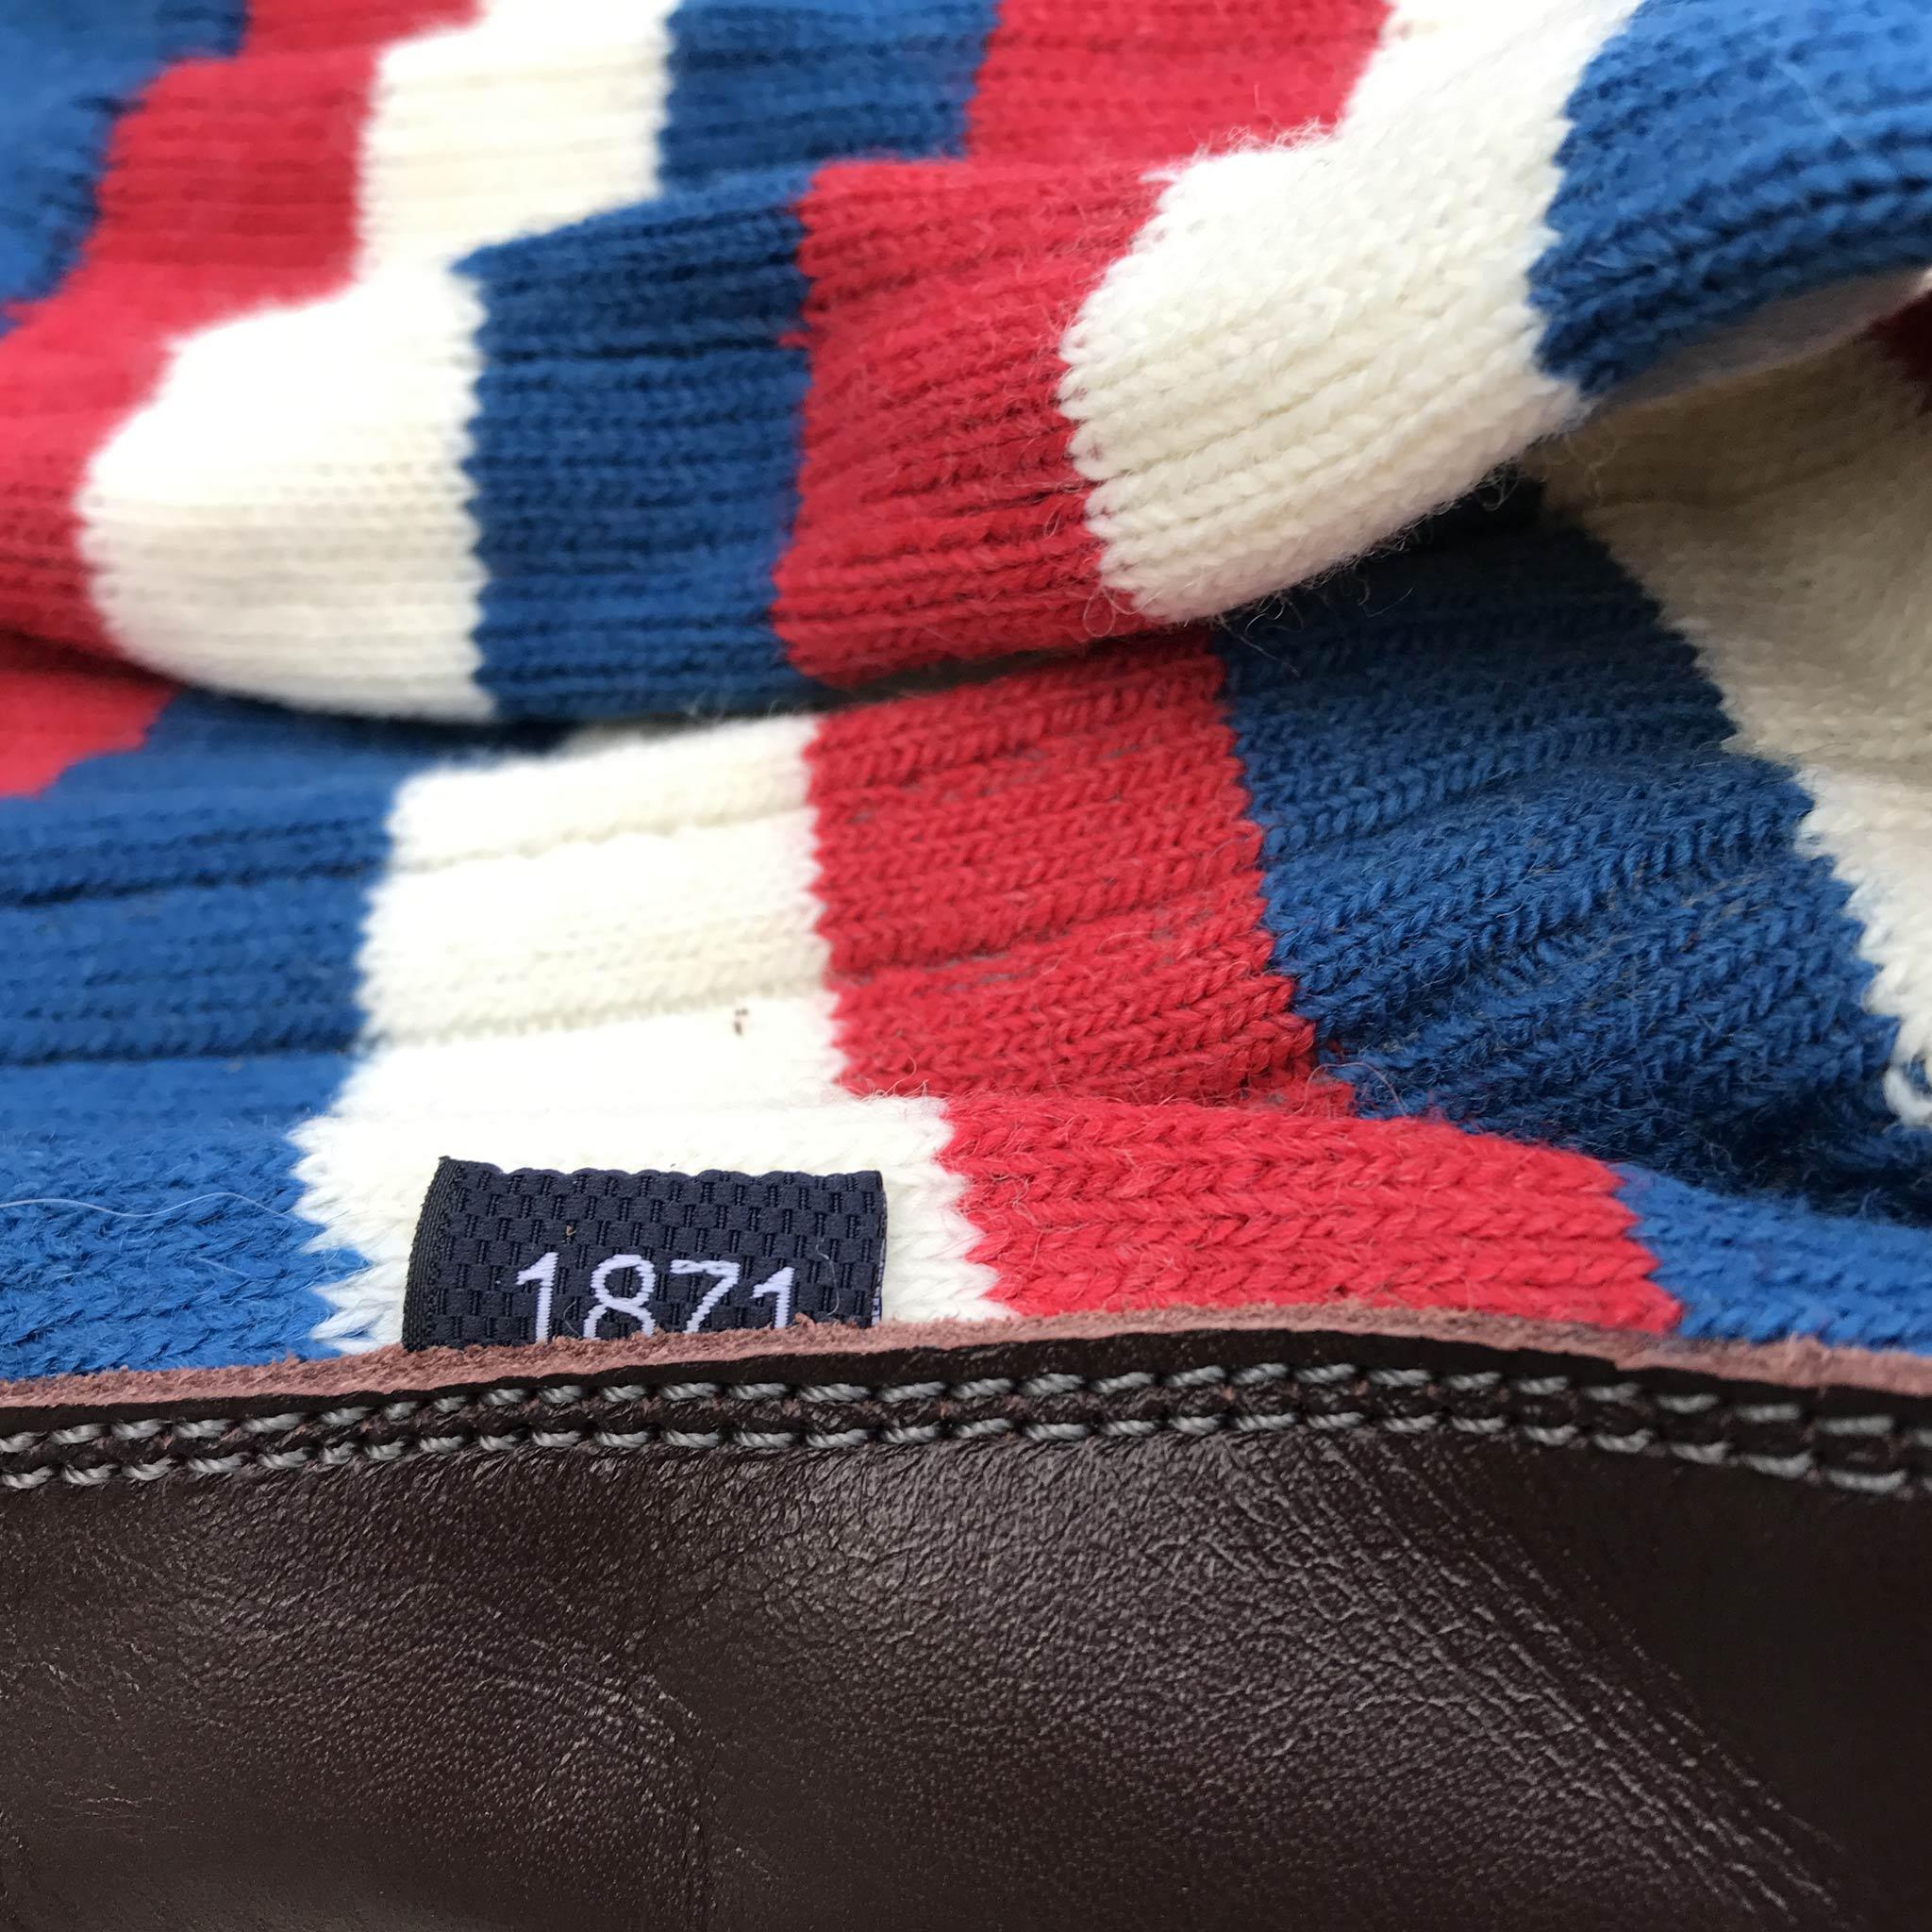 Slipper Sock red, white and blue stripe - closeup